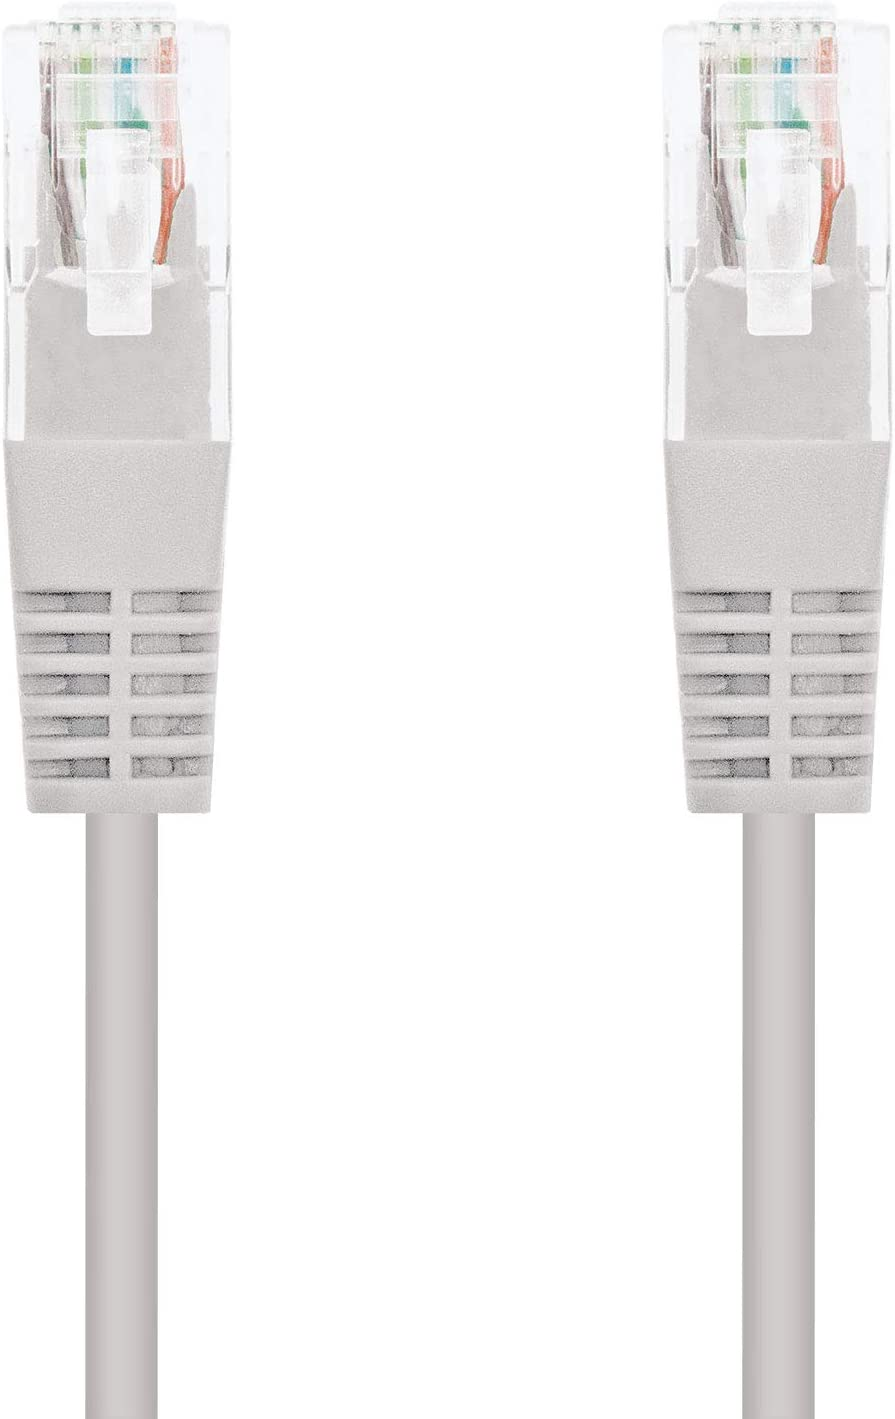 Libre de alogenos NanoCable 10.20.1615-OEM AWG24 Gris latiguillo de 15mts Cable de red Ethernet RJ45 LSZH Cat.5e UTP